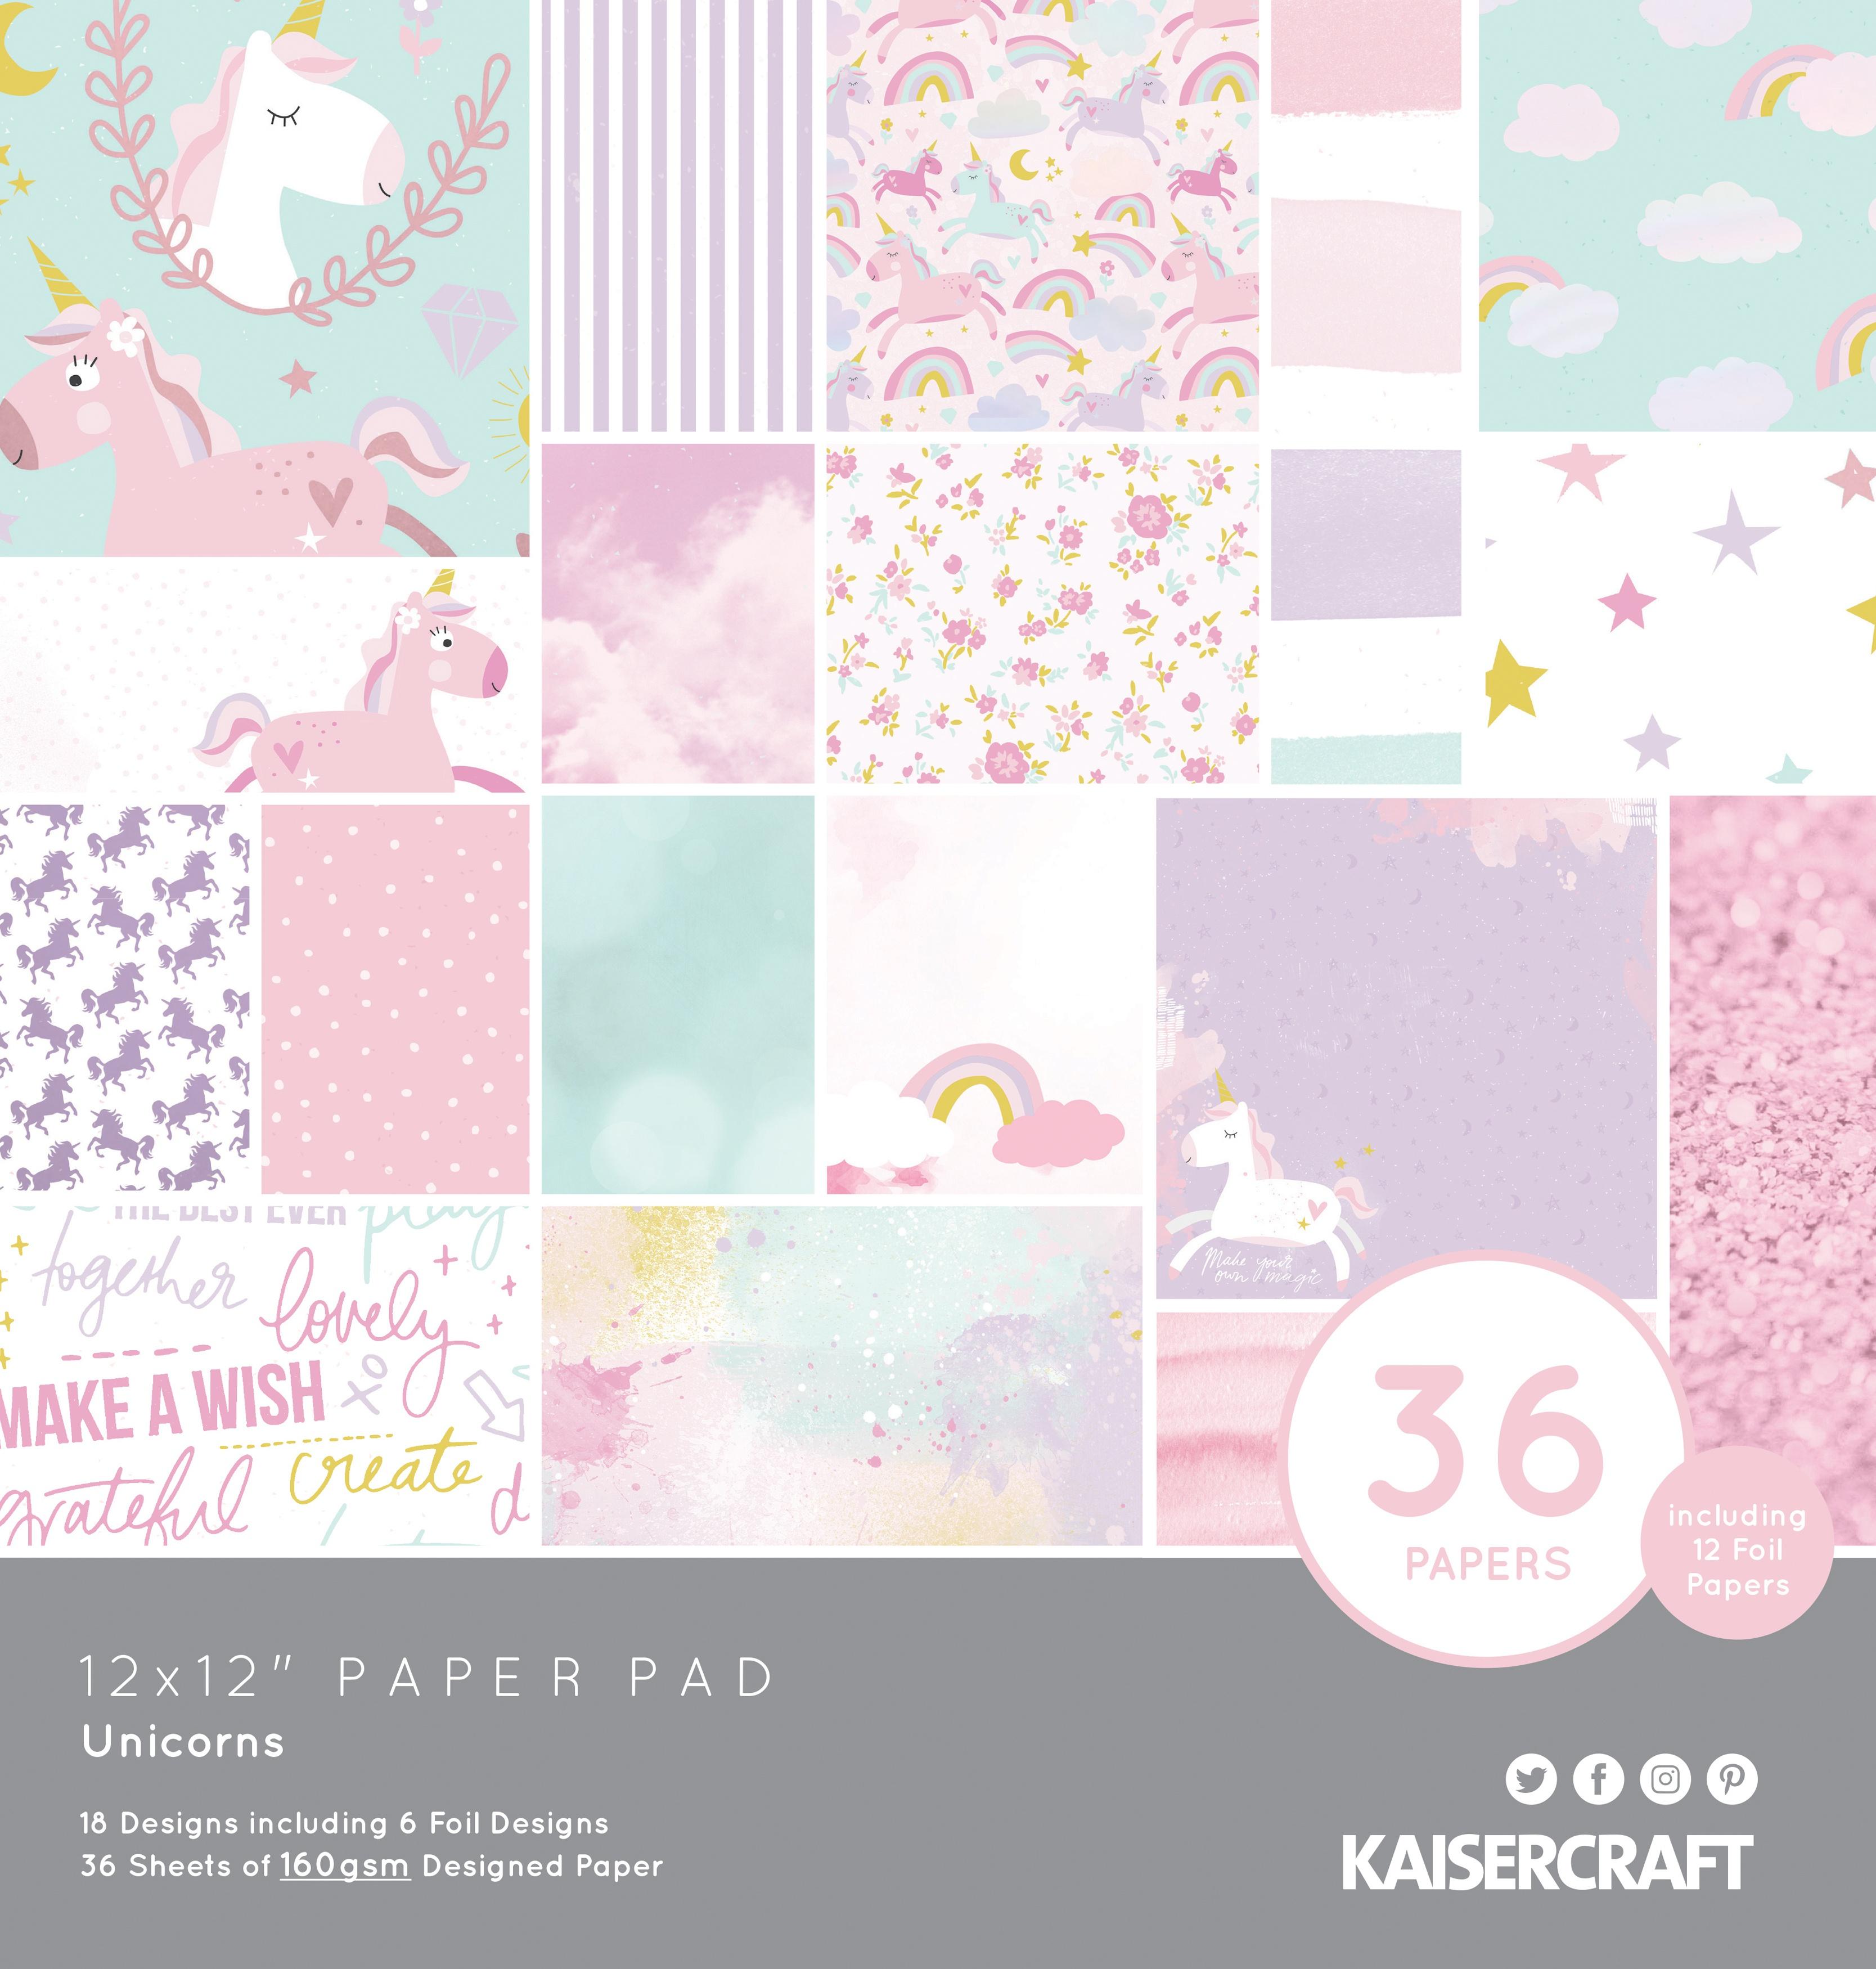 Unicorns - 12x12 Paper Pad (Kaisercraft)